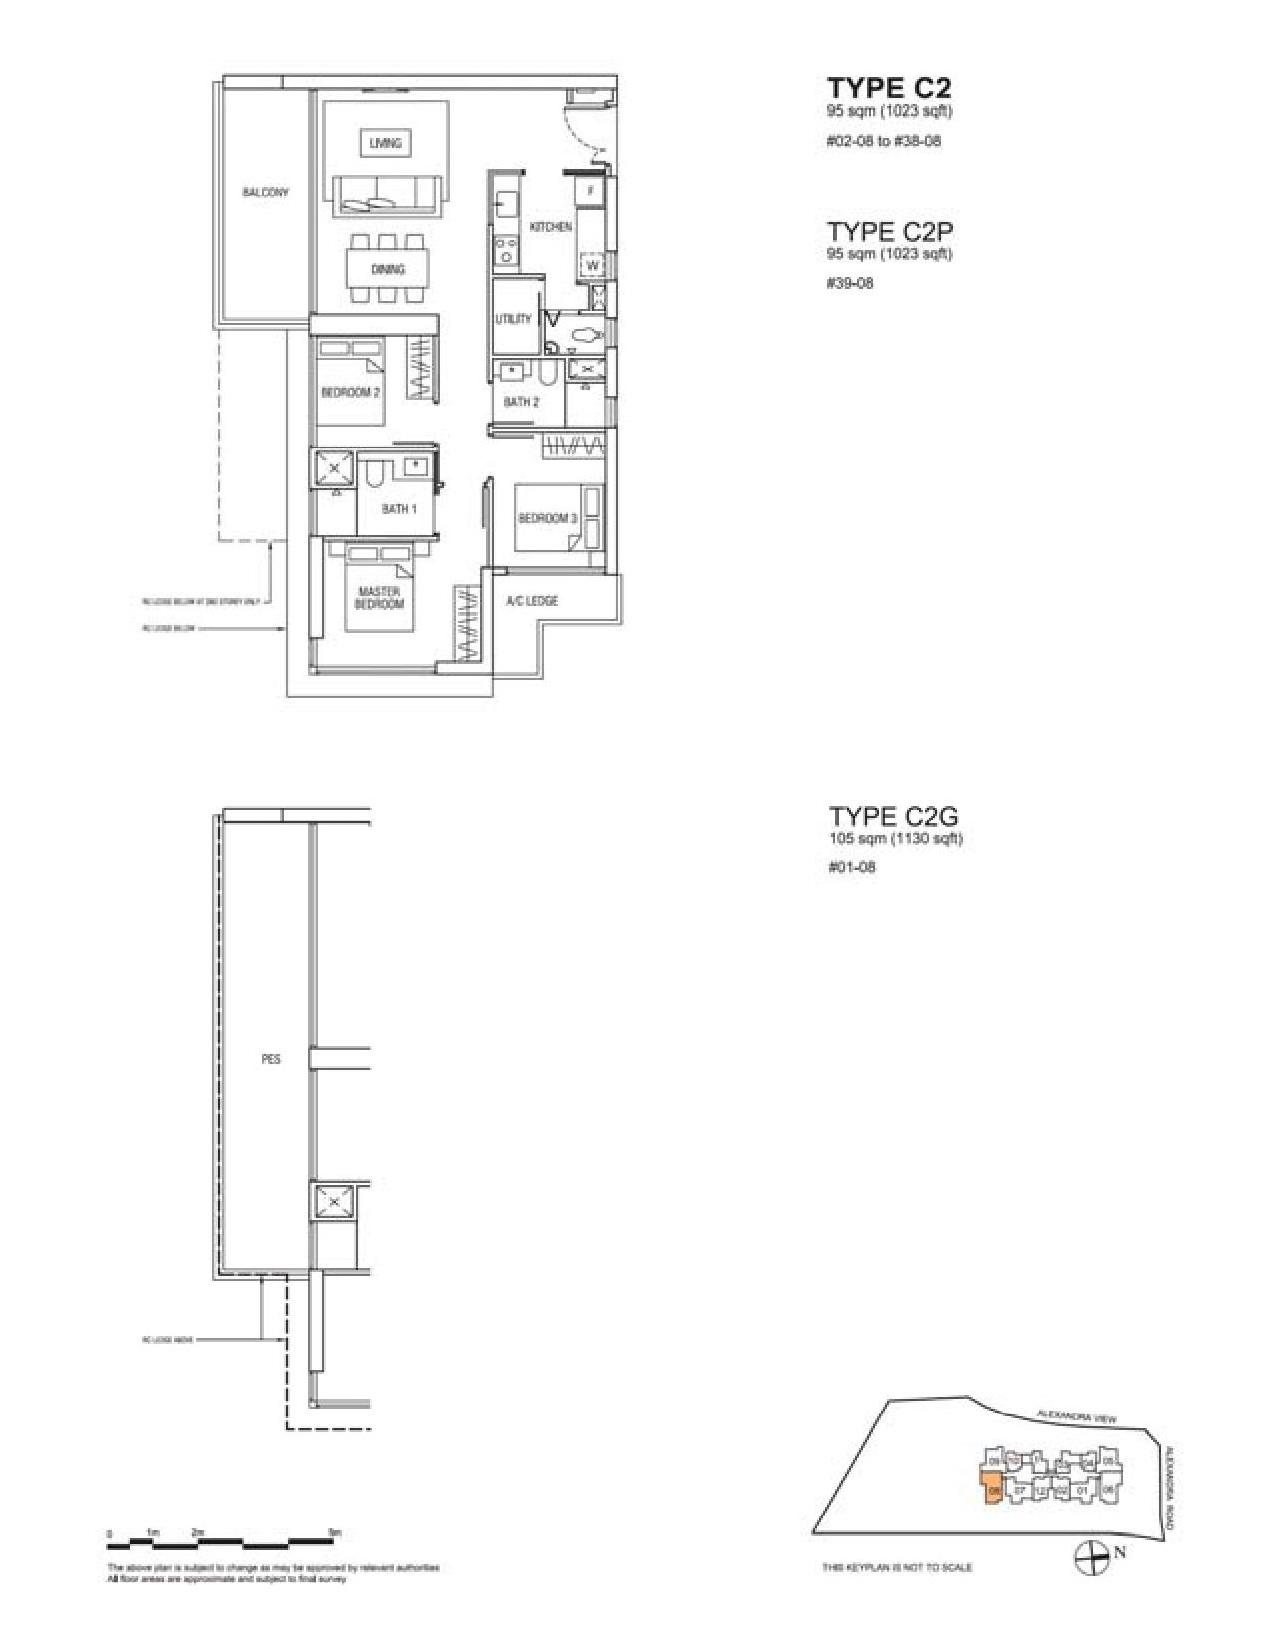 Alex Residences 3 Bedroom + Utility Floor Plans Type C2, C2P, C2G